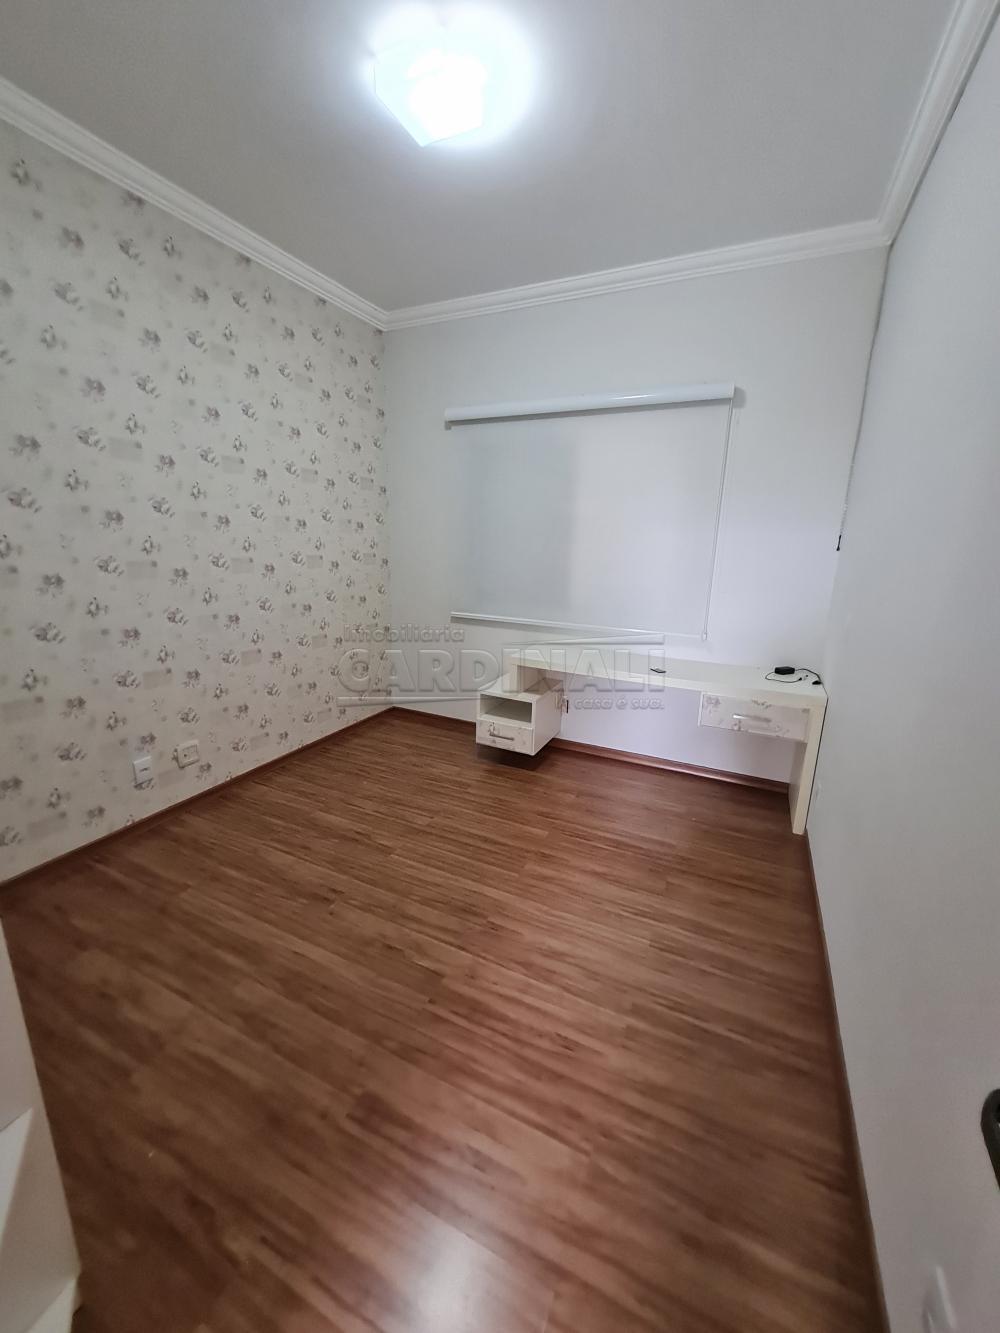 Comprar Casa / Condomínio em São Carlos R$ 865.000,00 - Foto 14